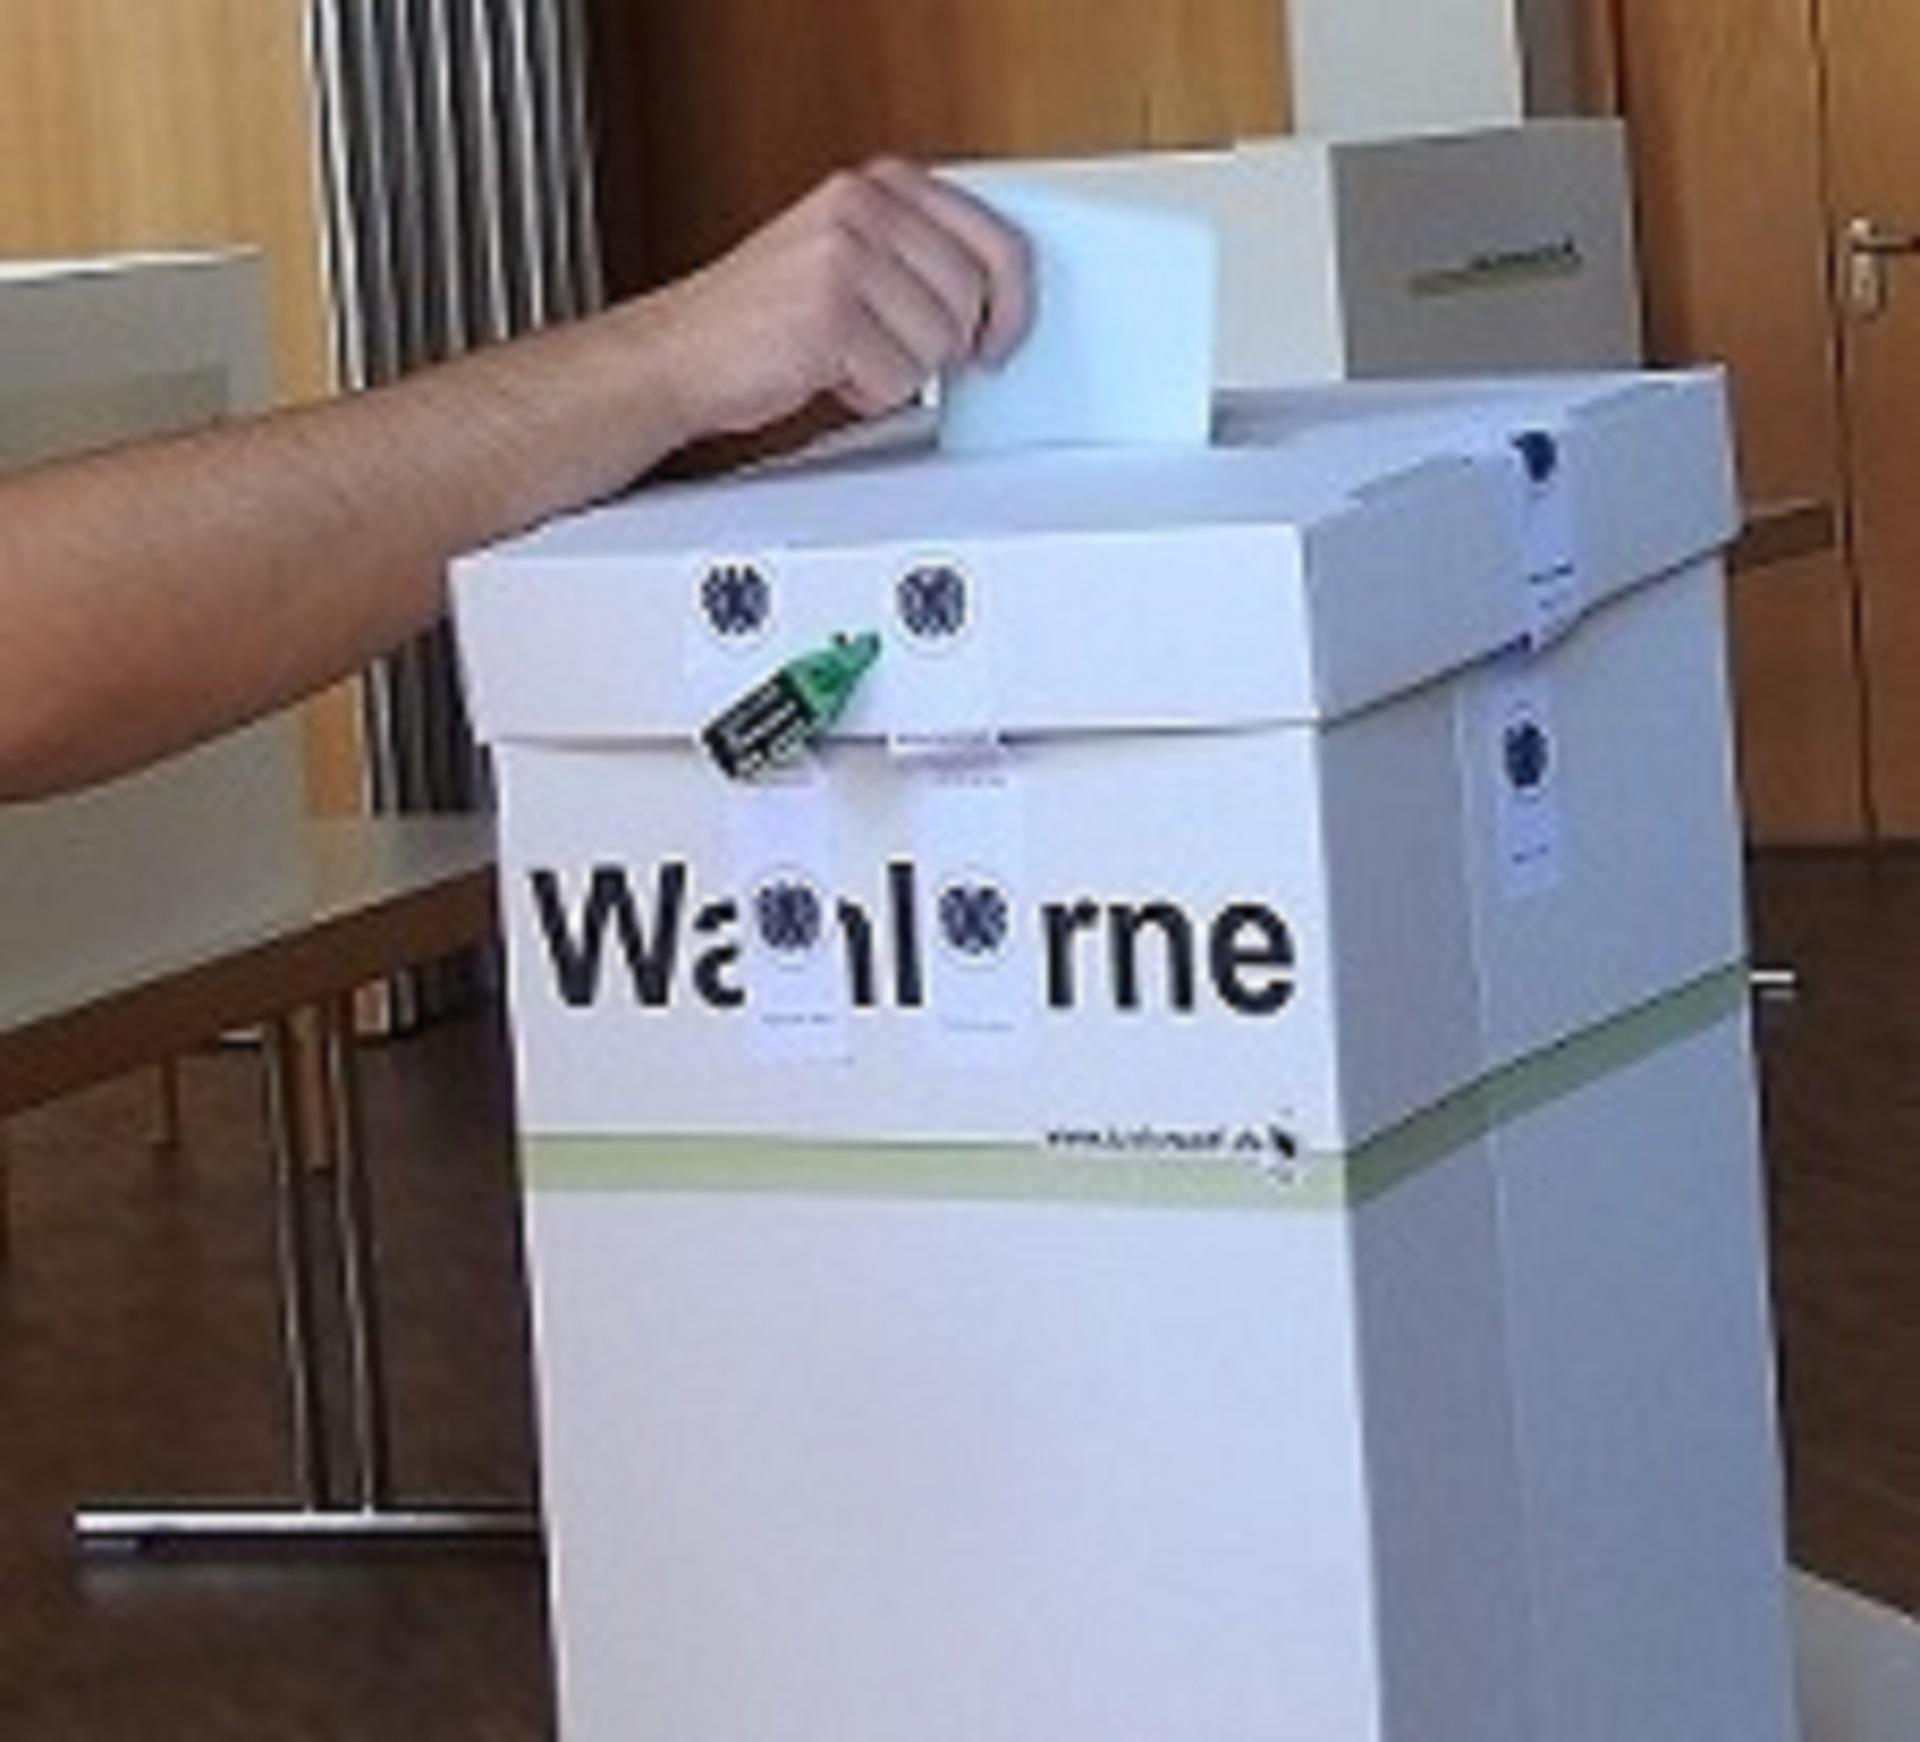 Wörterbuch zur Bundestagswahl (Foto: Dr. G. Hoffmann)